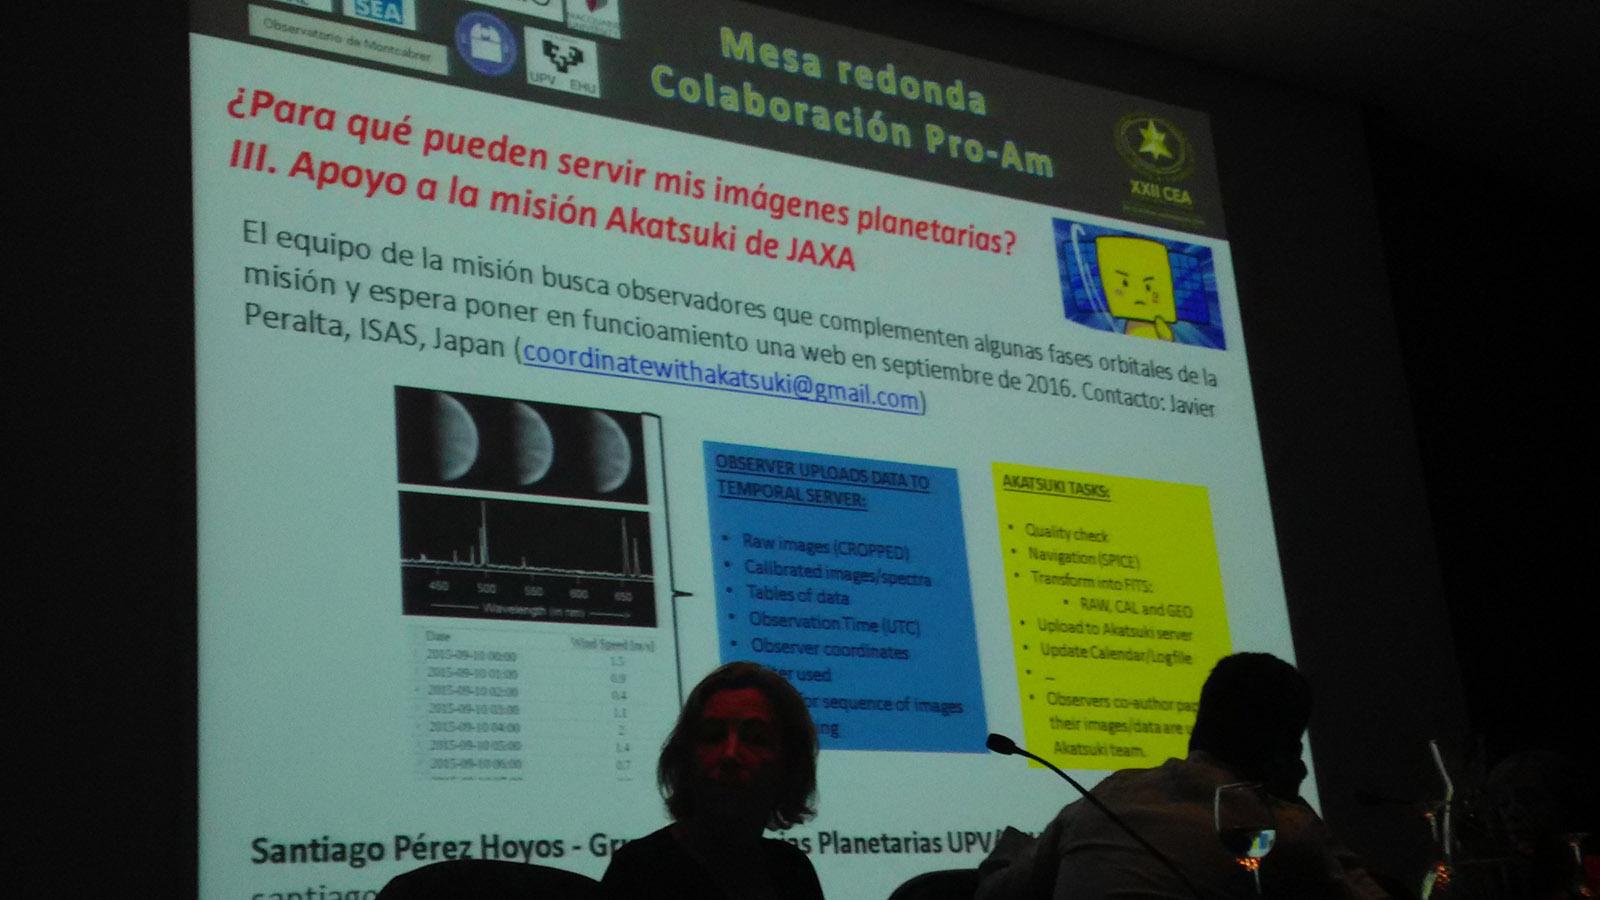 ¿Para qué pueden servir las imágenes planetarias? Éste fue uno de los temas de la mesa redonda.